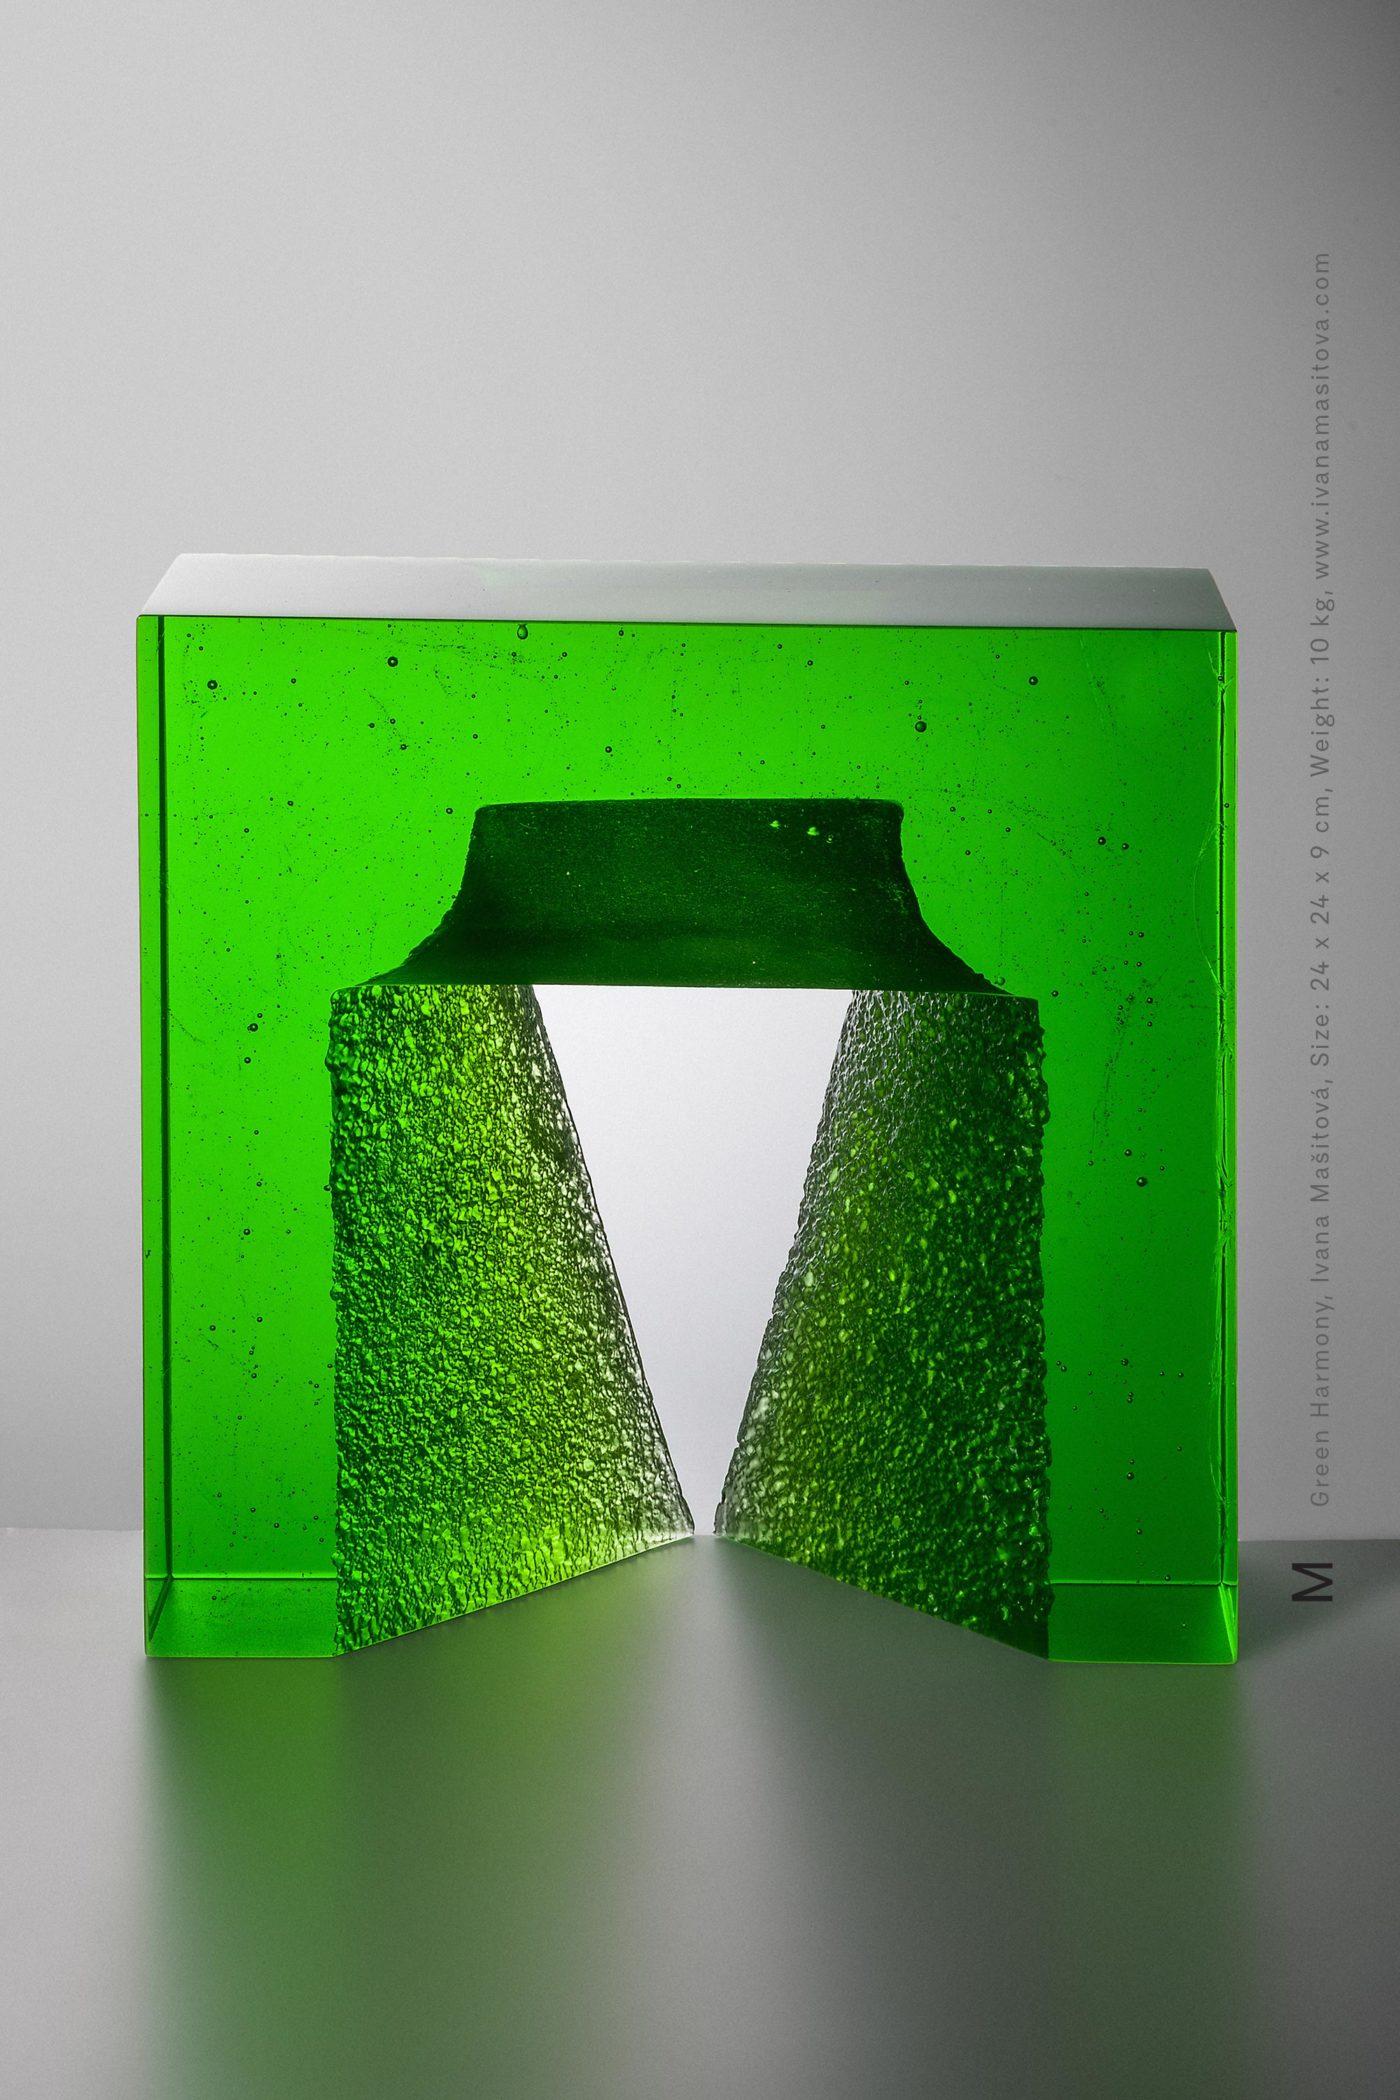 Zelena-harmonie_Green-Harmony,24x24x9cm,10kg